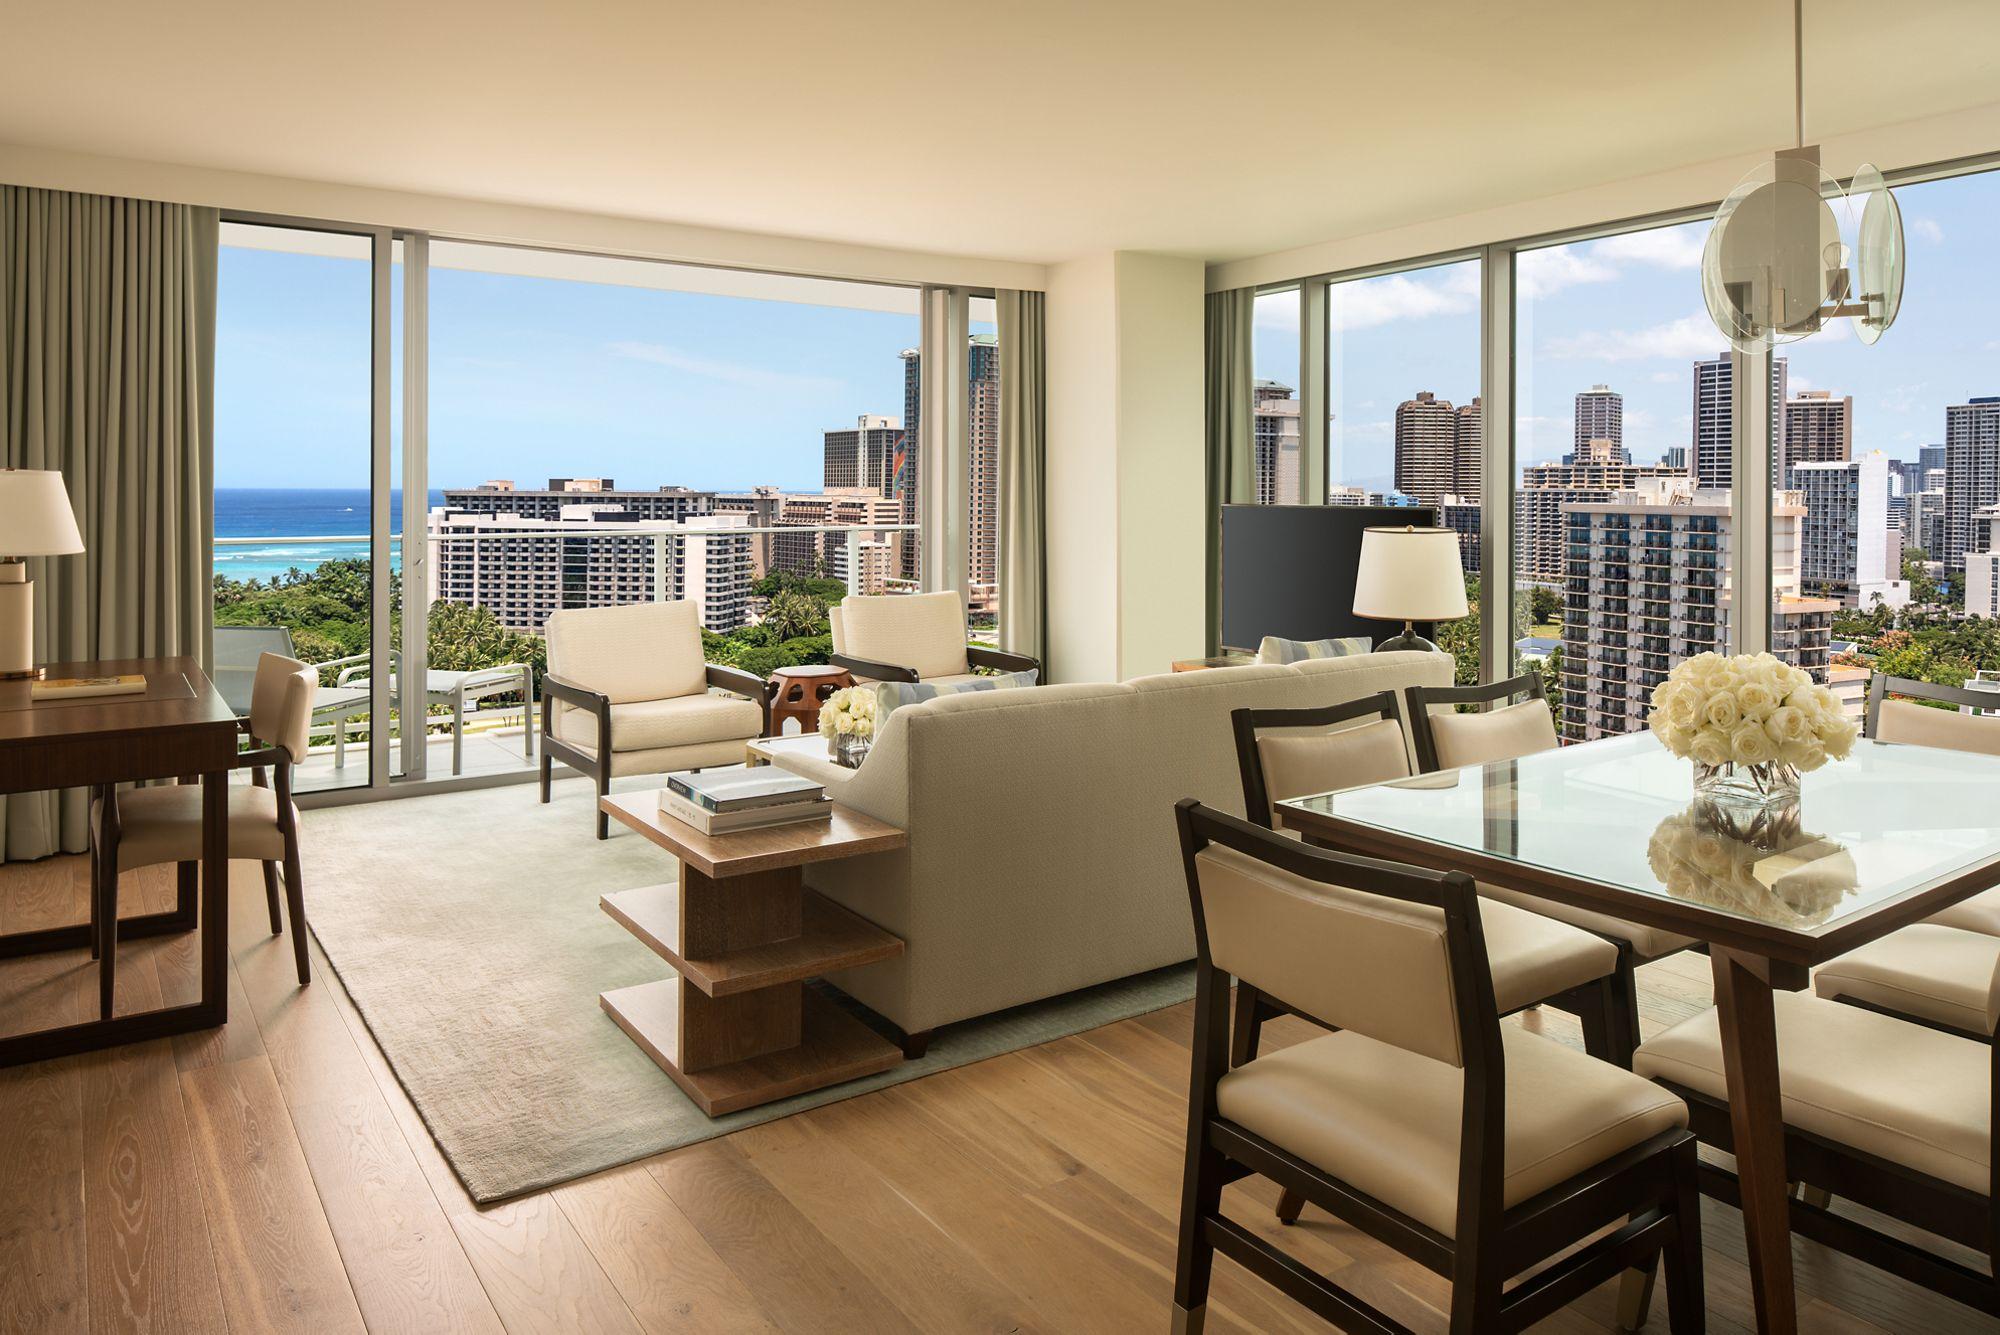 Deluxe Ocean View 2 Bedroom Suite The Ritz Carlton